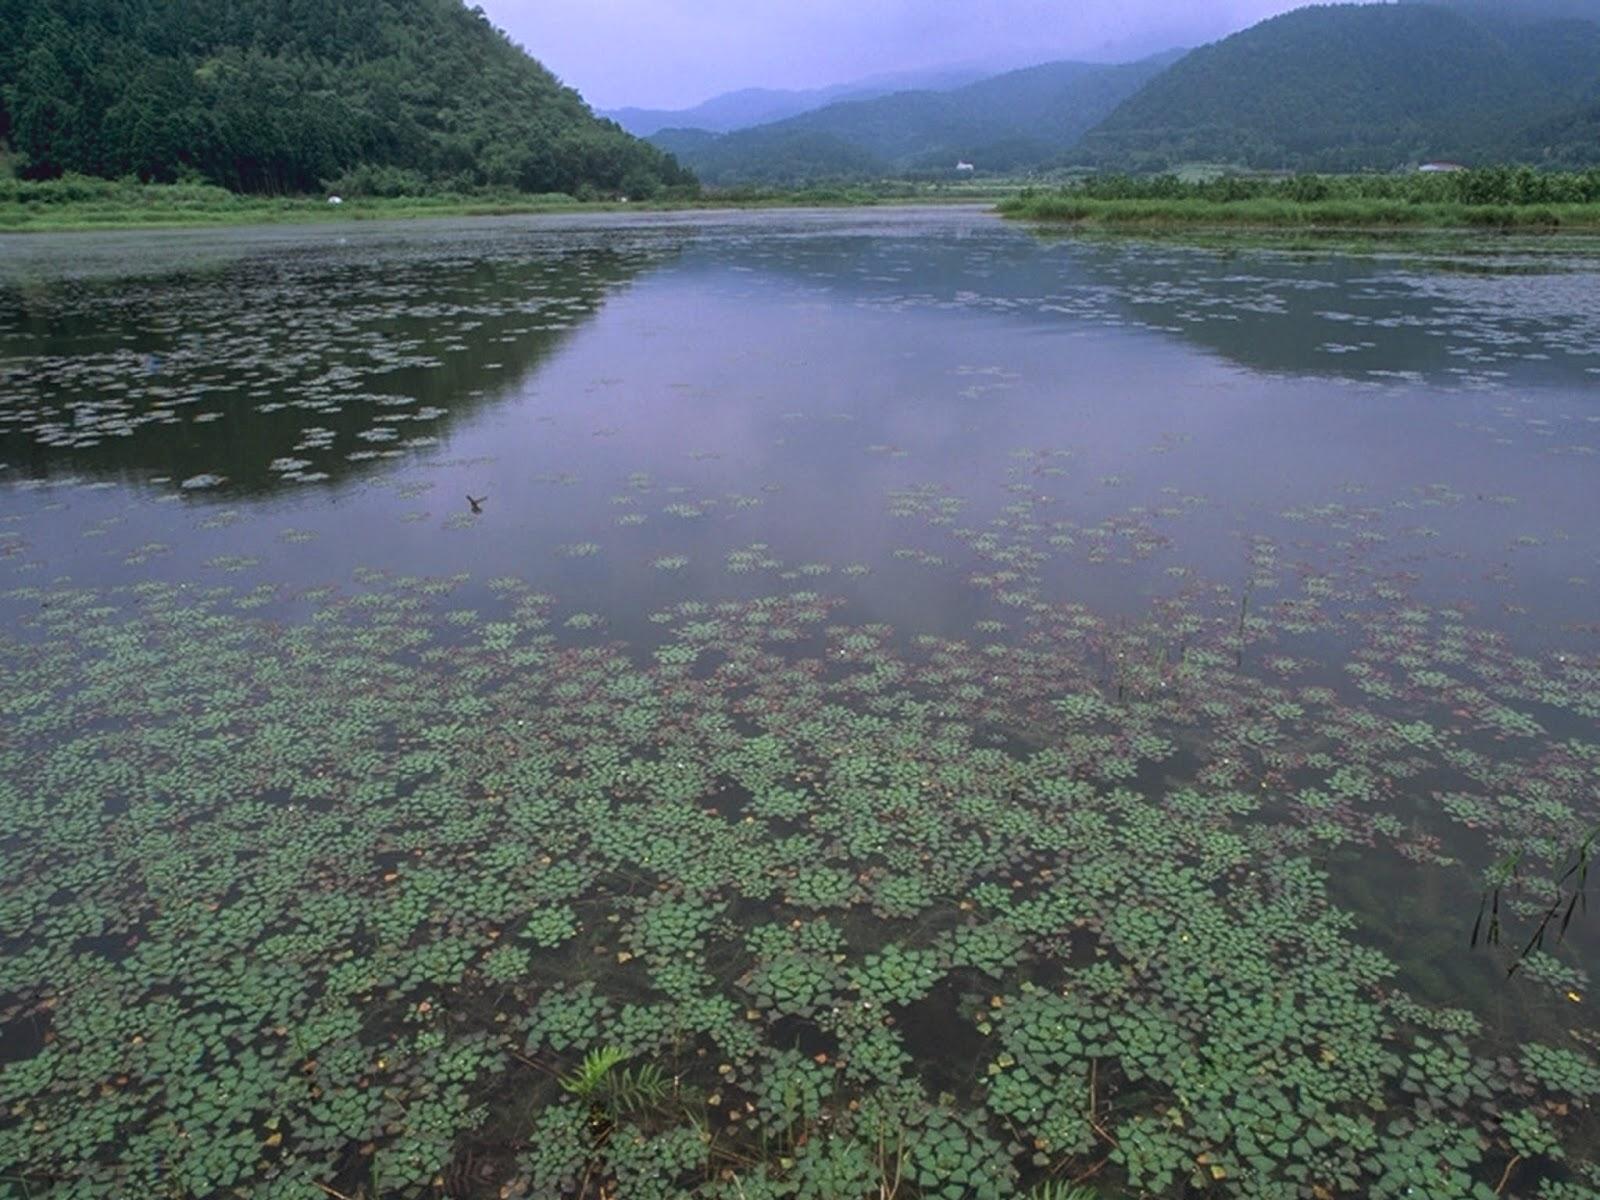 水面上遍布水生植物